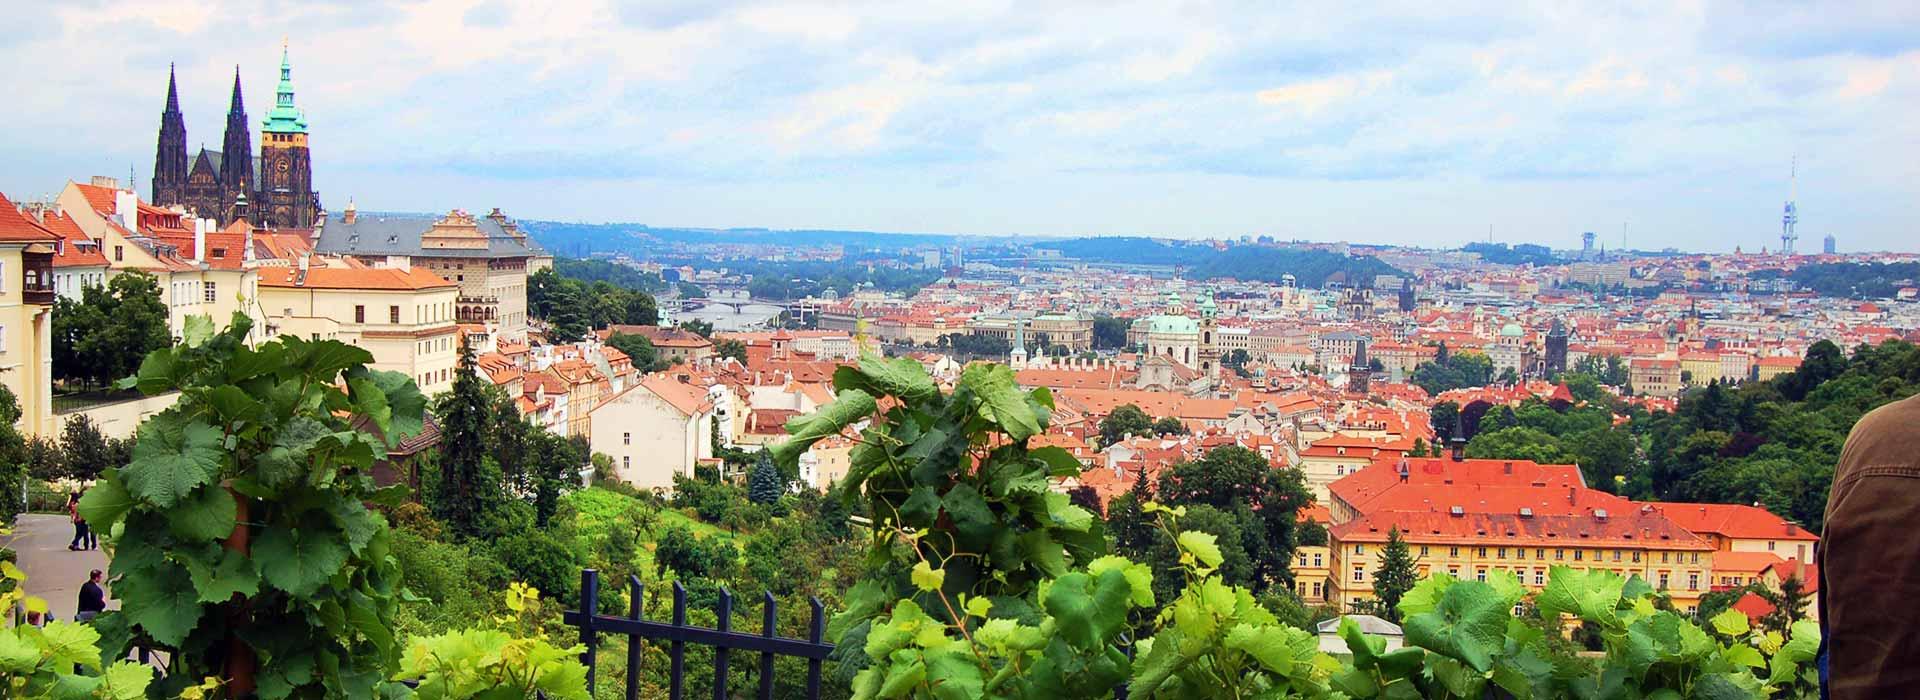 Karpacz Praga Skalne Miasto